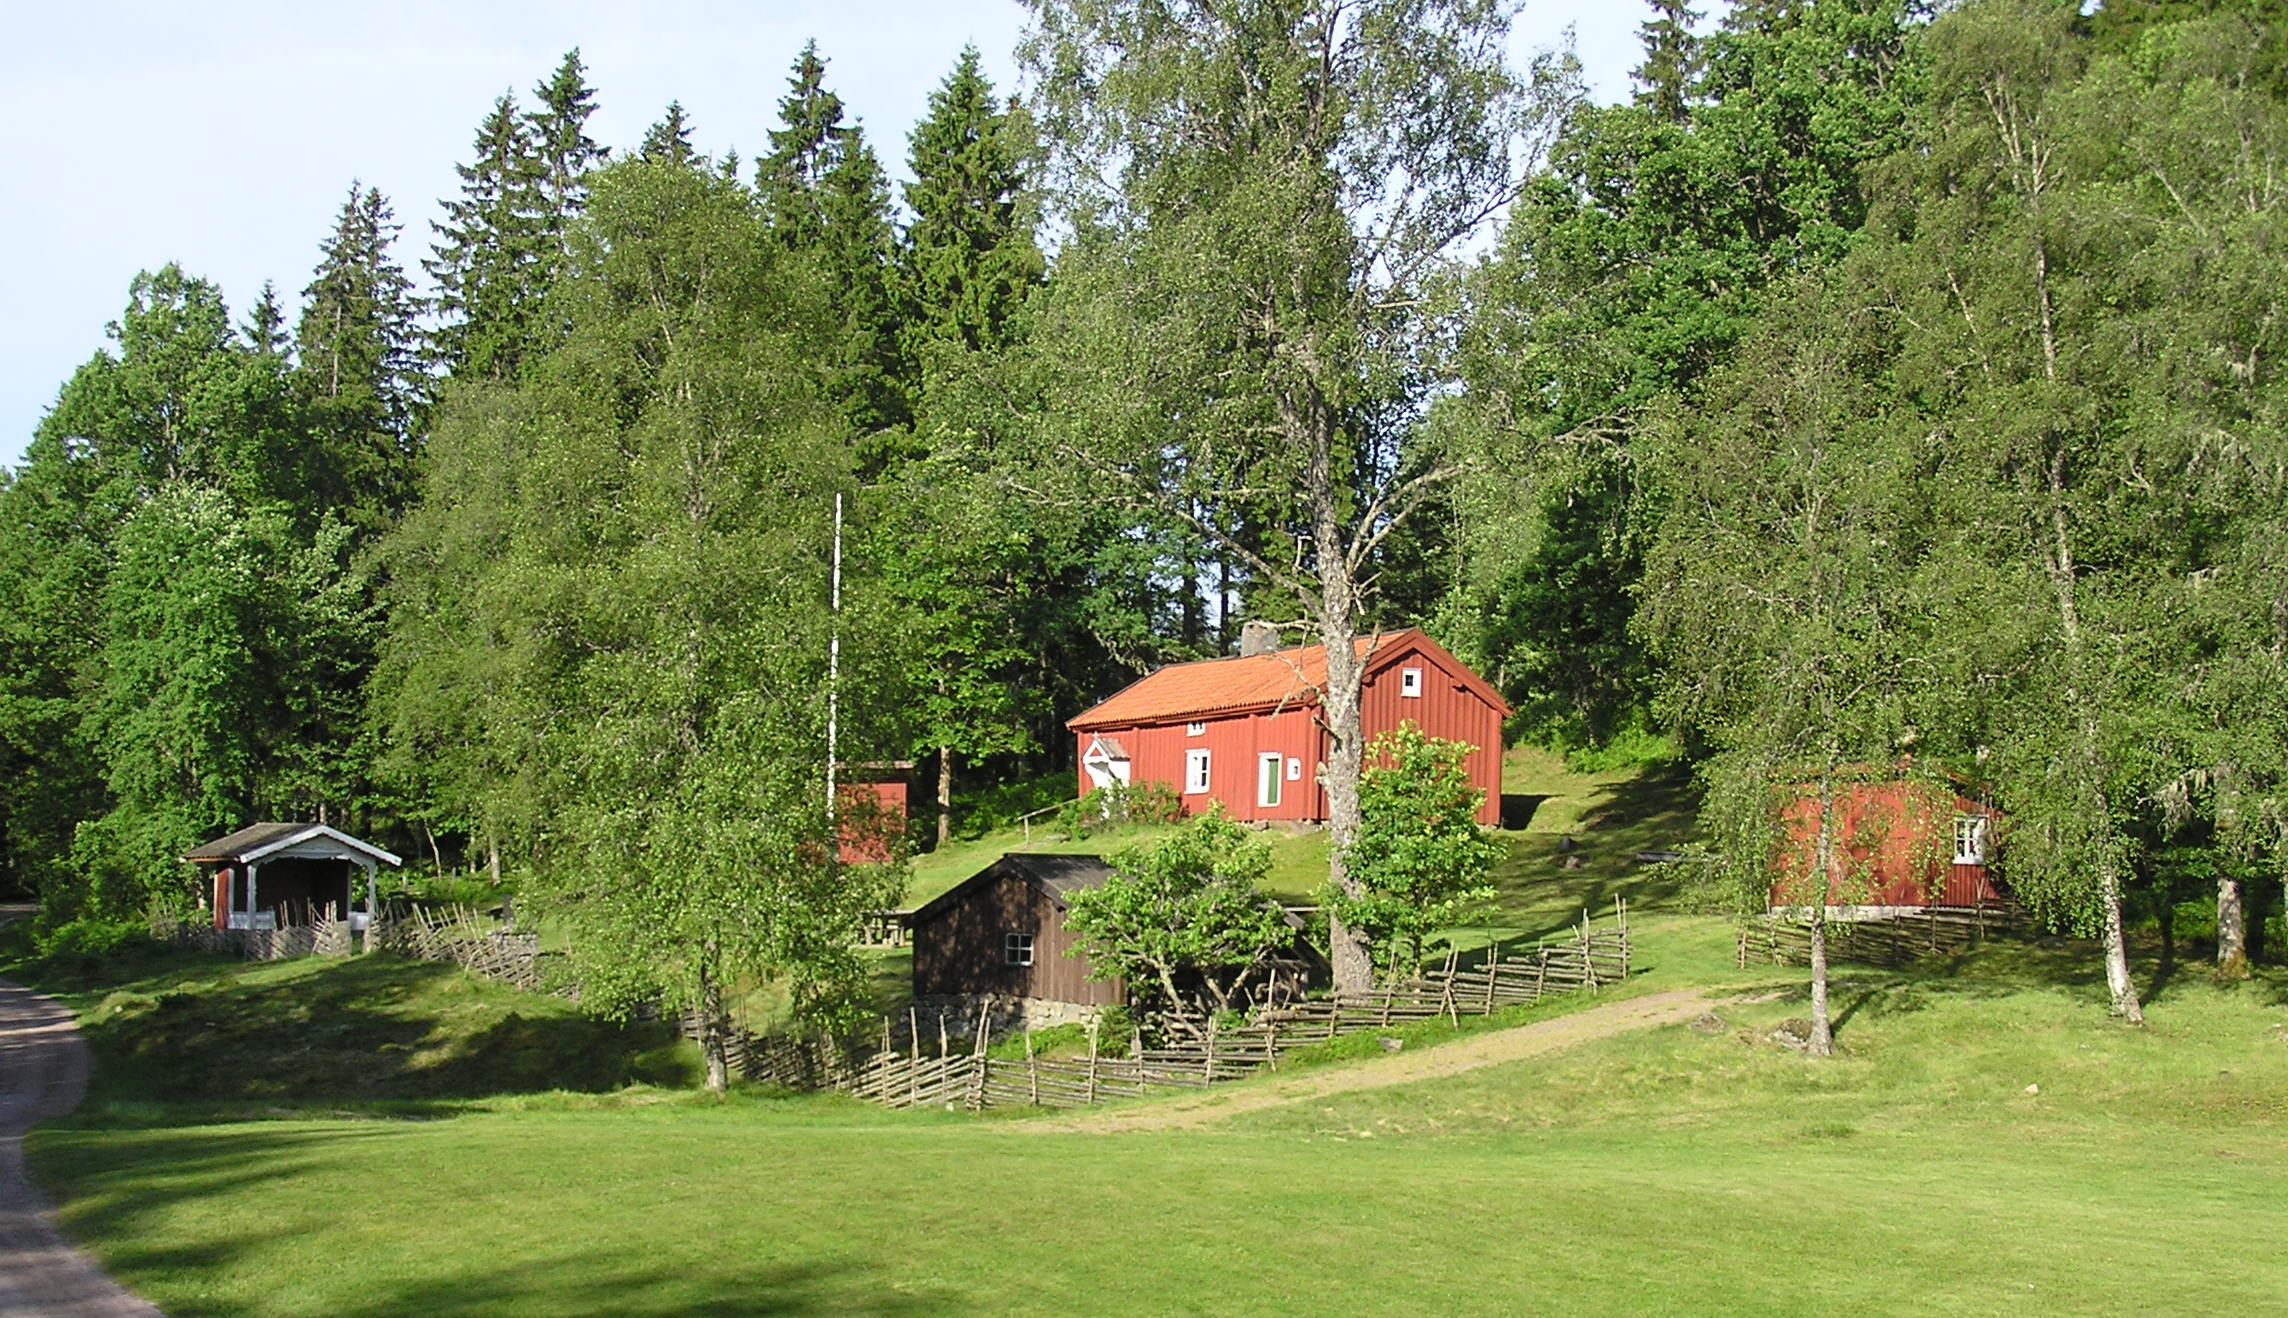 Öppet hus i Åsenhöga hembygsdpark